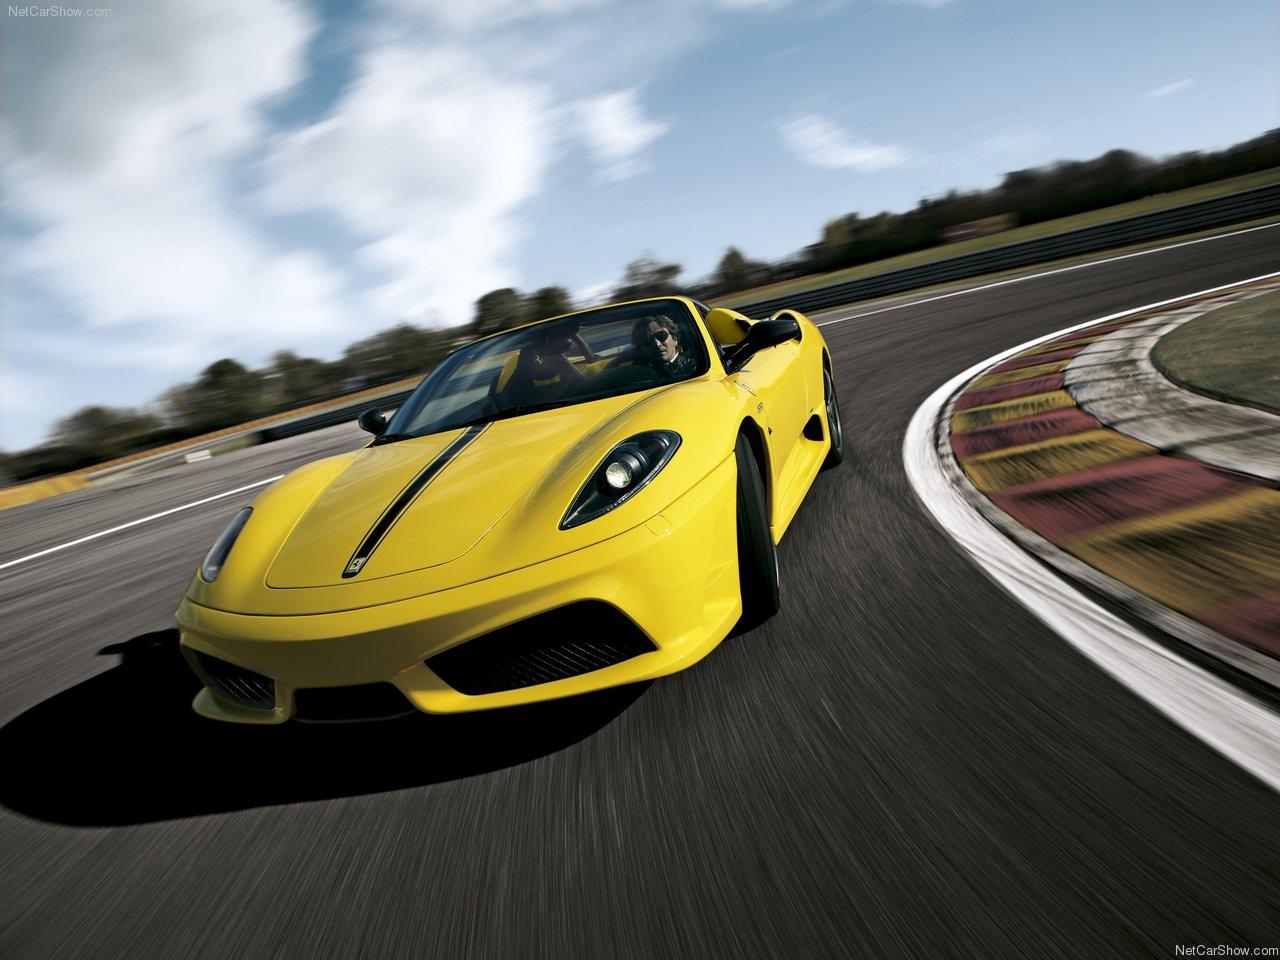 http://2.bp.blogspot.com/-UC71HOO8Ltc/TYGLXV9JVyI/AAAAAAAABtA/9yHhUcOodLw/s1600/Ferrari-Scuderia_Spider_16M_2009_1280x960_wallpaper_02.jpg